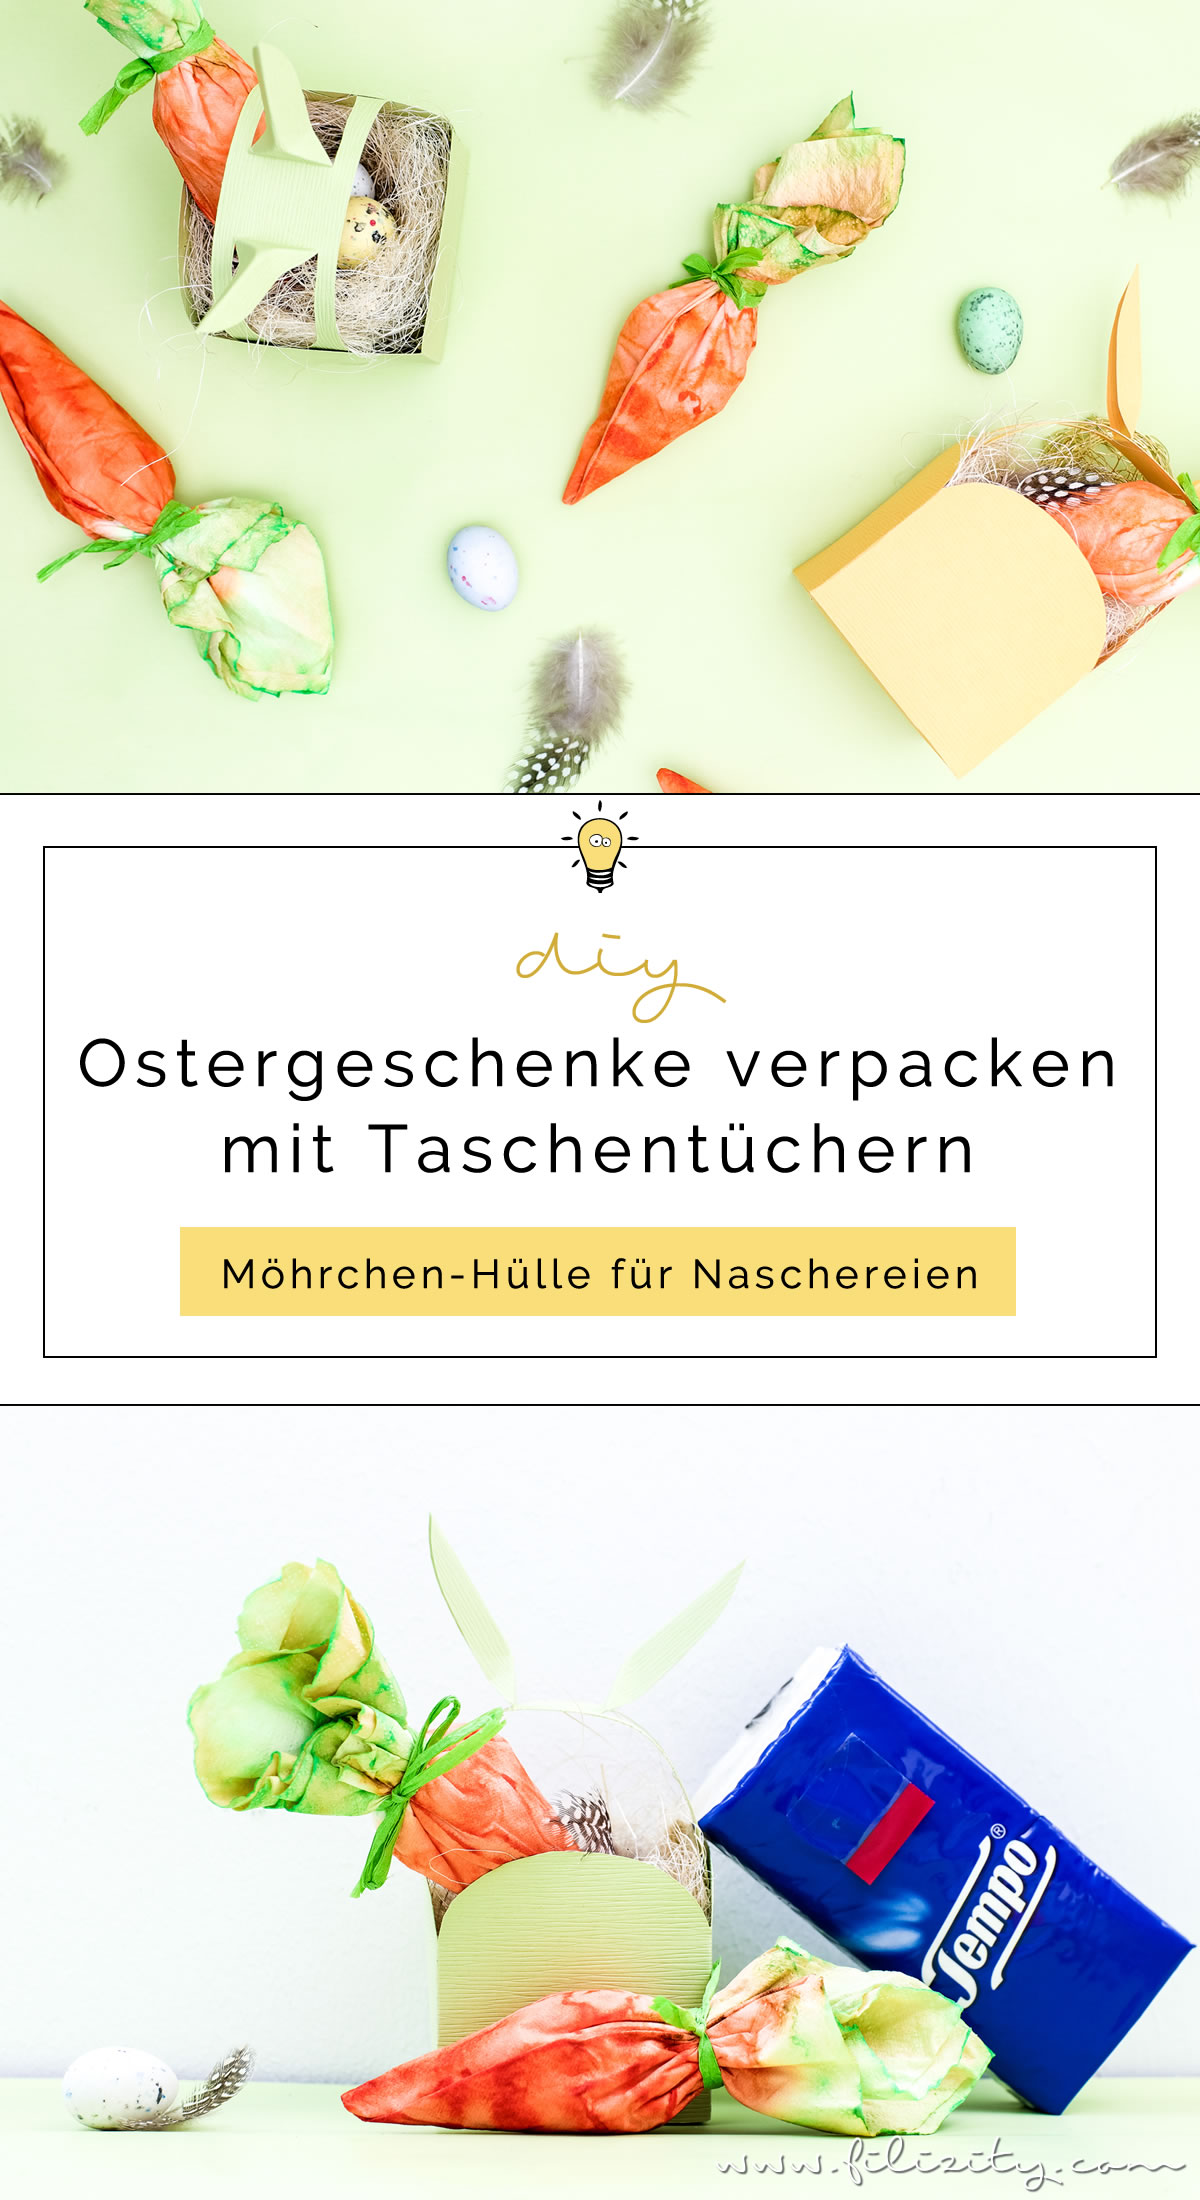 Ostergeschenke verpacken mit DIY Möhrchen-Geschenkverpackung aus Tempo Taschentüchern | Kreative Geschenkverpackung selber machen | Filizity.com | DIY-Blog aus dem Rheinland #tempoworld #tempo #ostern